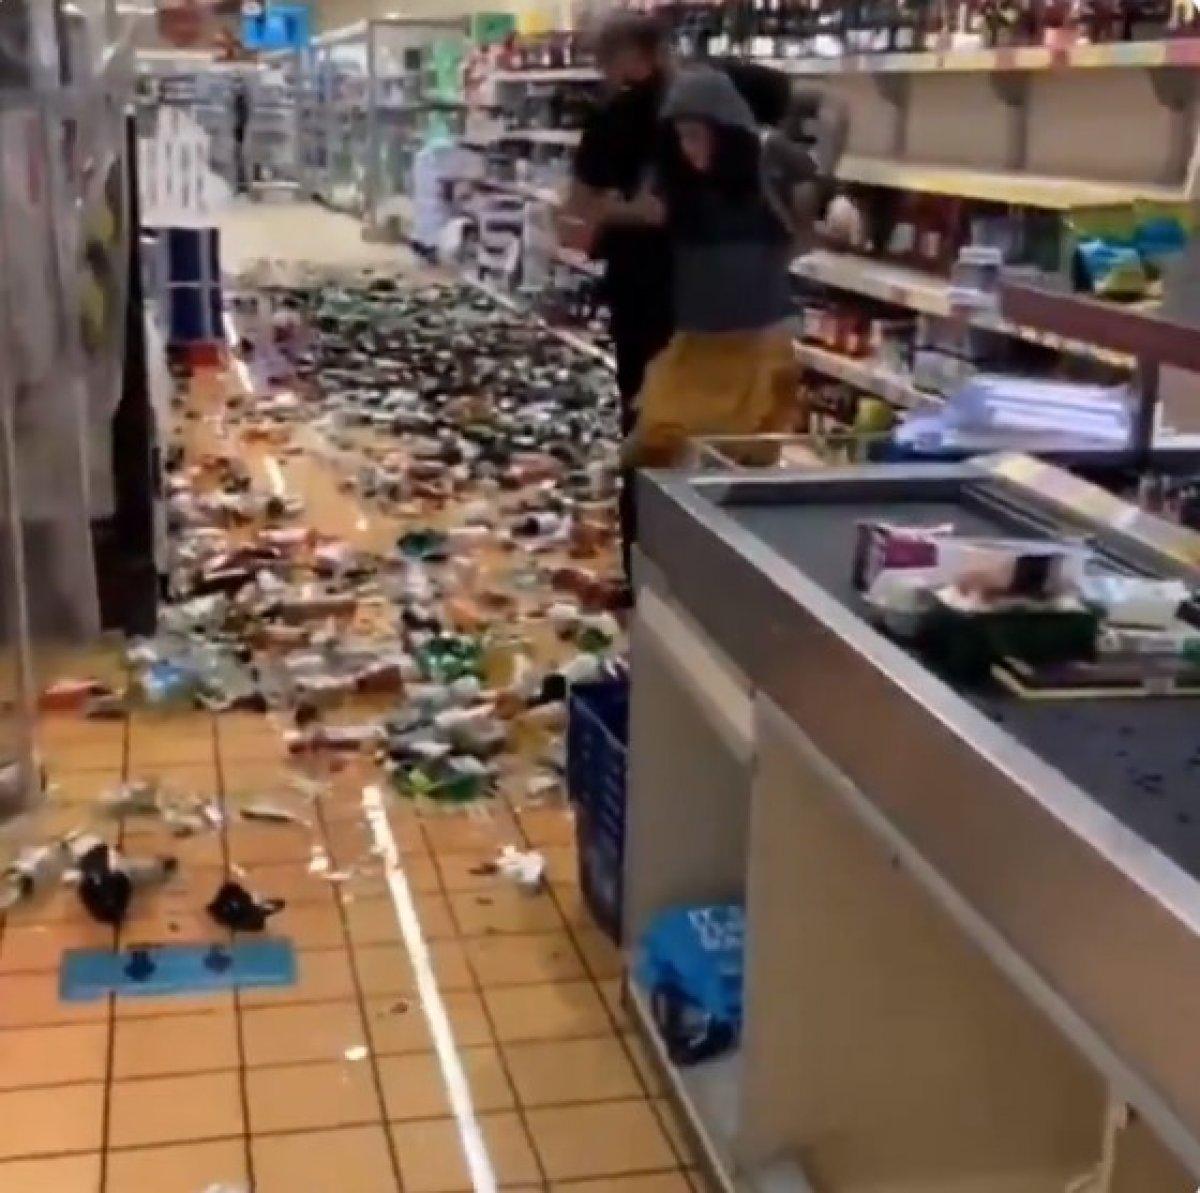 İngiltere de kadın marketteki alkol şişelerini kırdı #3